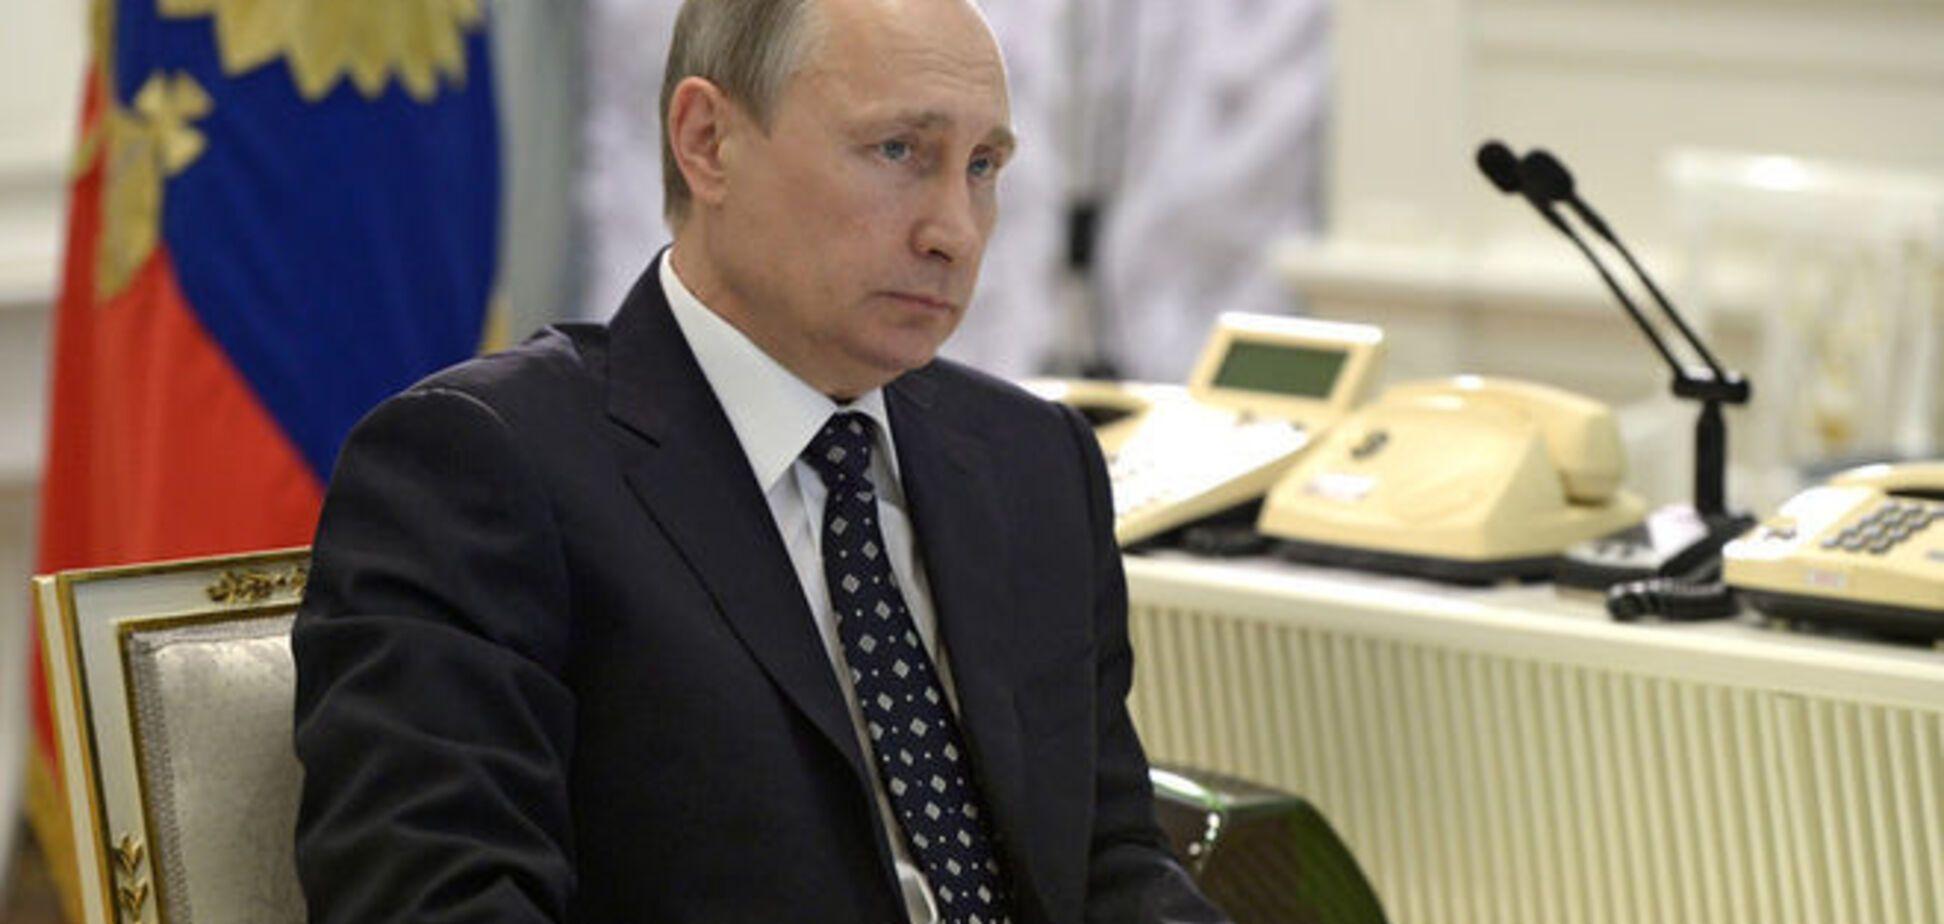 'КДБ-ФСБ-Путін': журналіст вивів формулу російської влади для Заходу